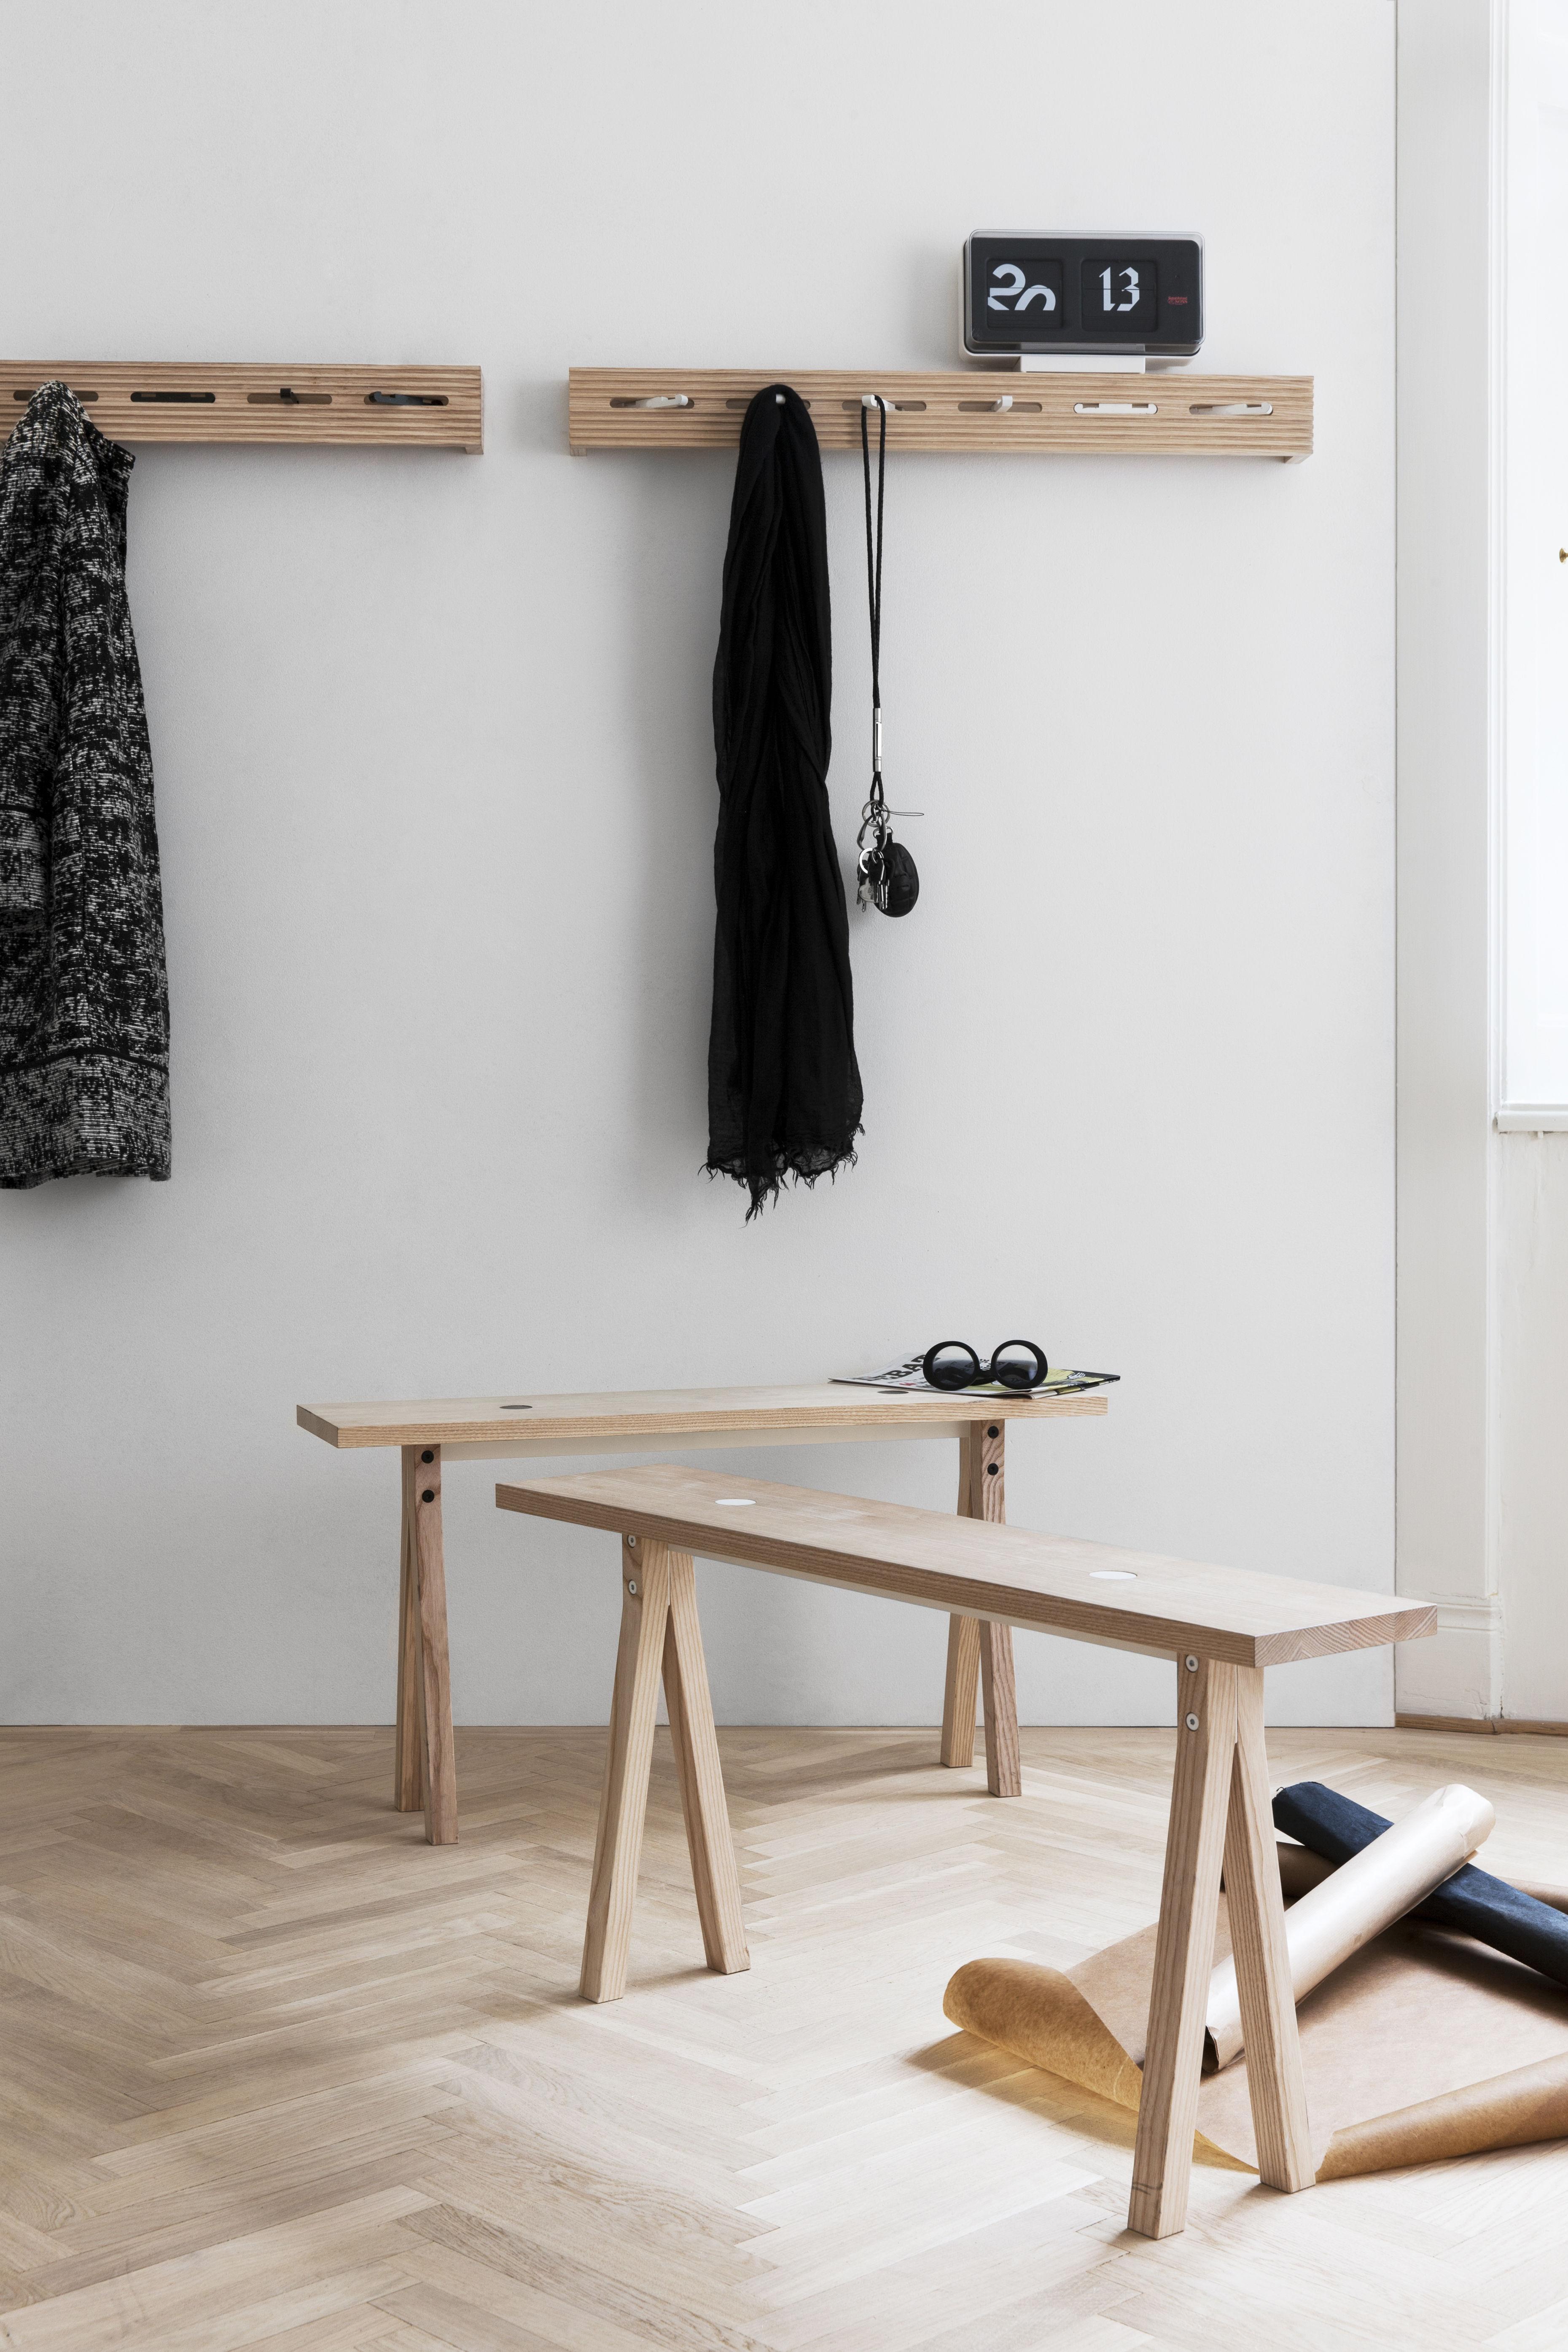 line up garderobe l 90 cm holz natur haken schwarz by nomess made in design. Black Bedroom Furniture Sets. Home Design Ideas